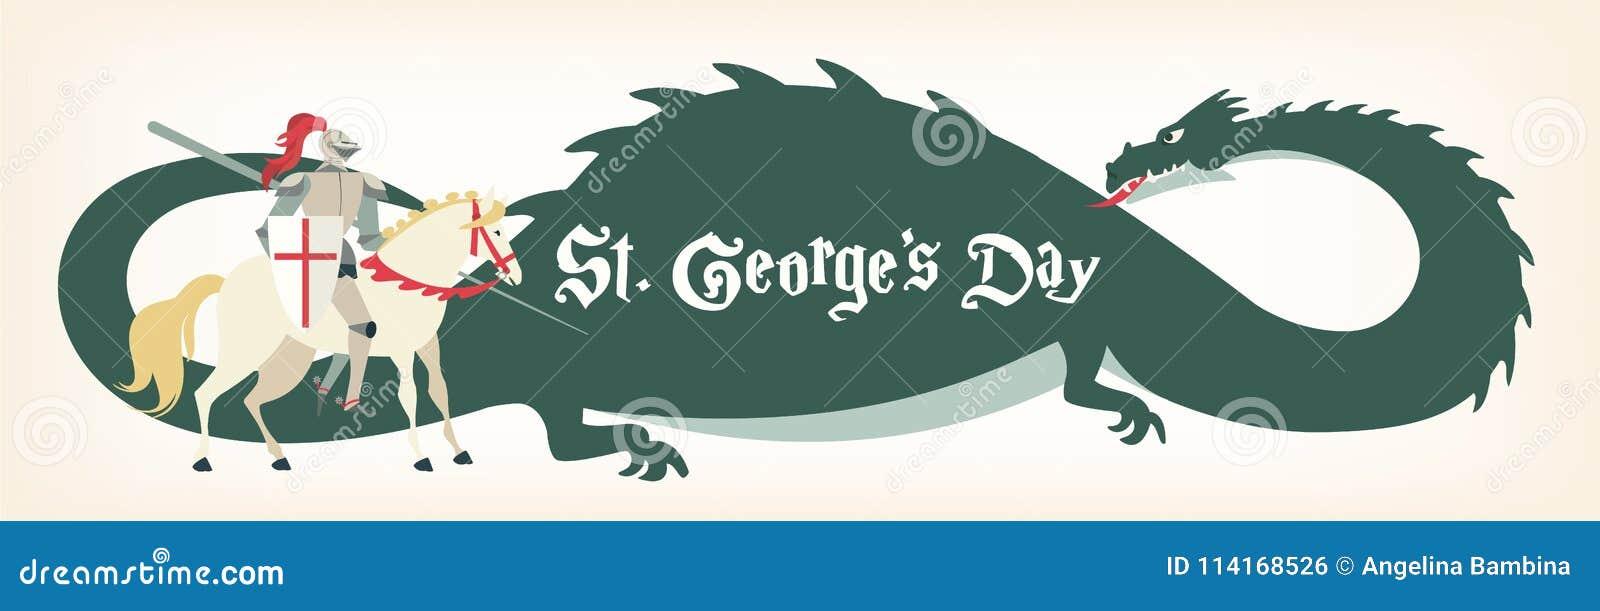 Κάρτα ημέρας του ST George s με τον ιππότη και το δράκο επίσης corel σύρετε το διάνυσμα απεικόνισης